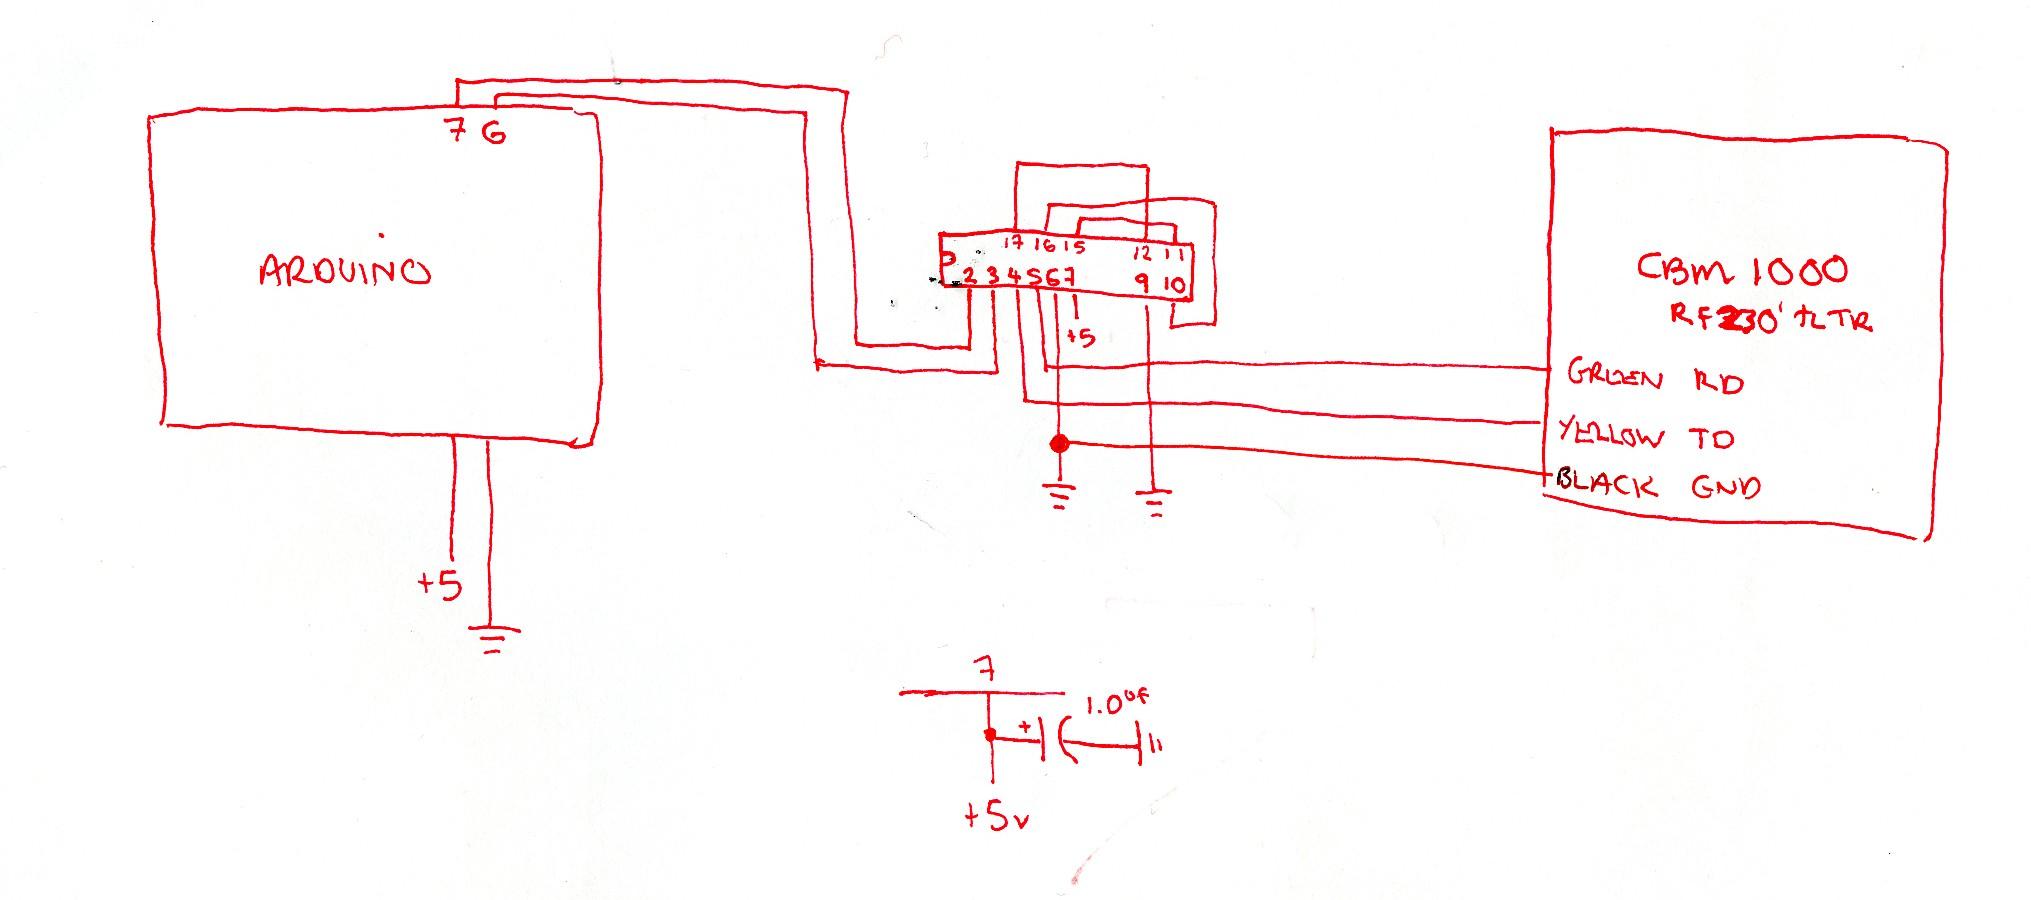 Kib Moniteur Wiring Diagram Kib Micro Monitor Wiring Diagram Of Kib Moniteur Wiring Diagram